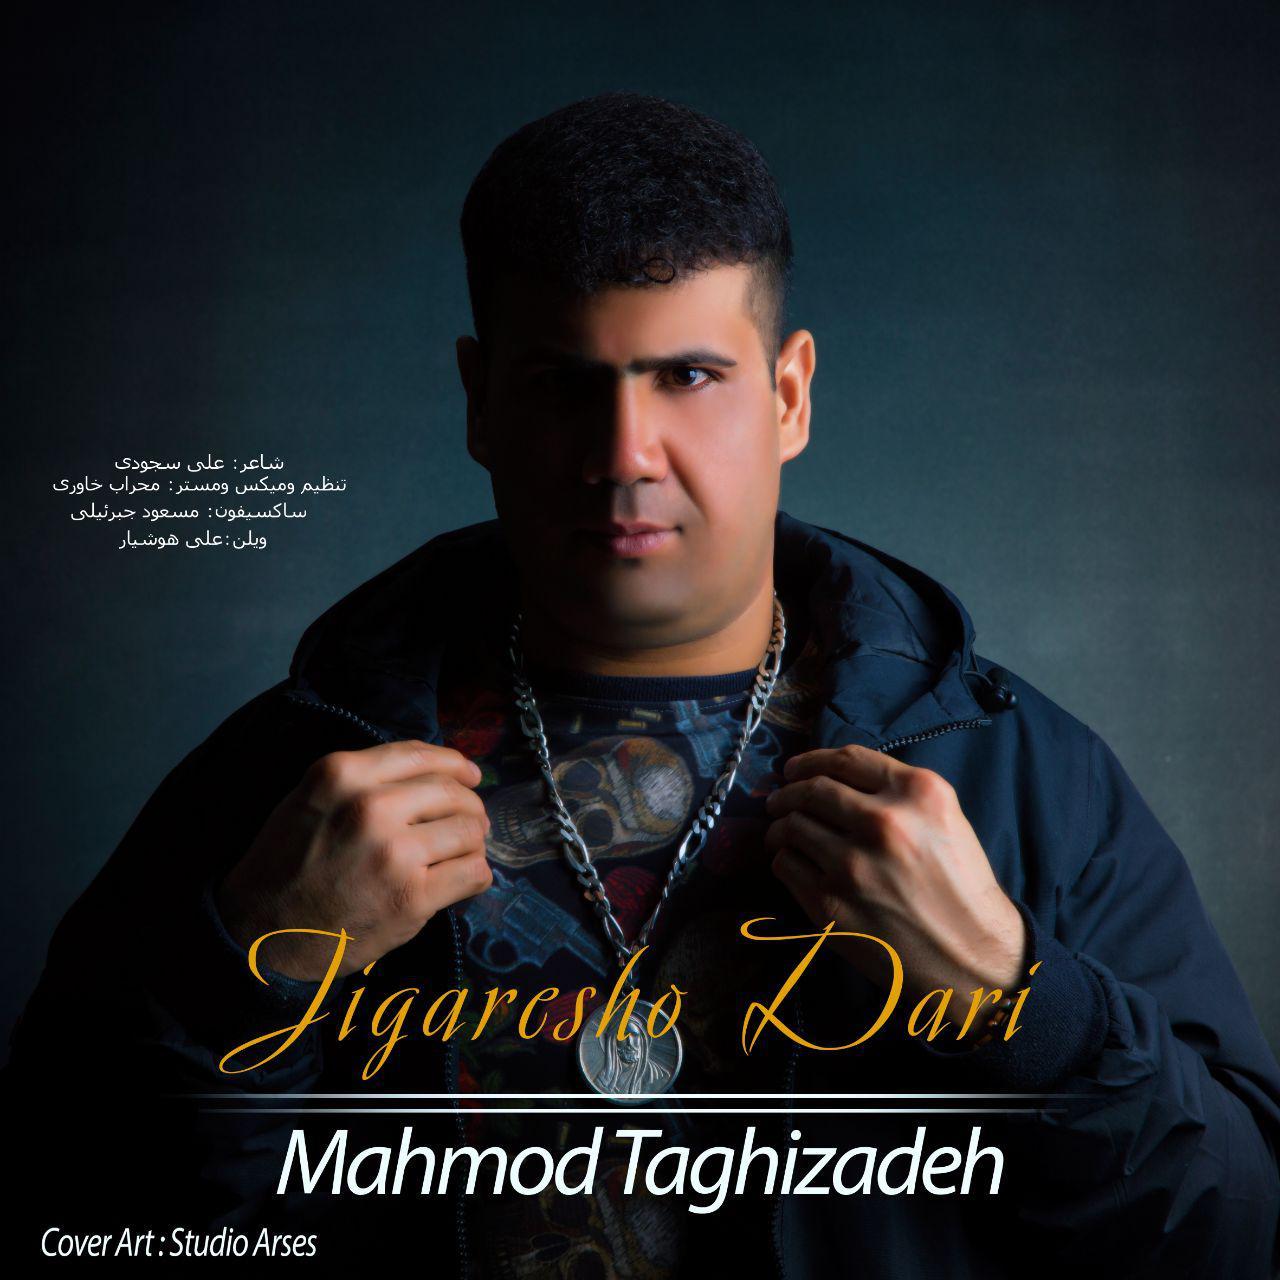 دانلود آهنگ جدید محمود تقی زاده بنام جیگرشو داری